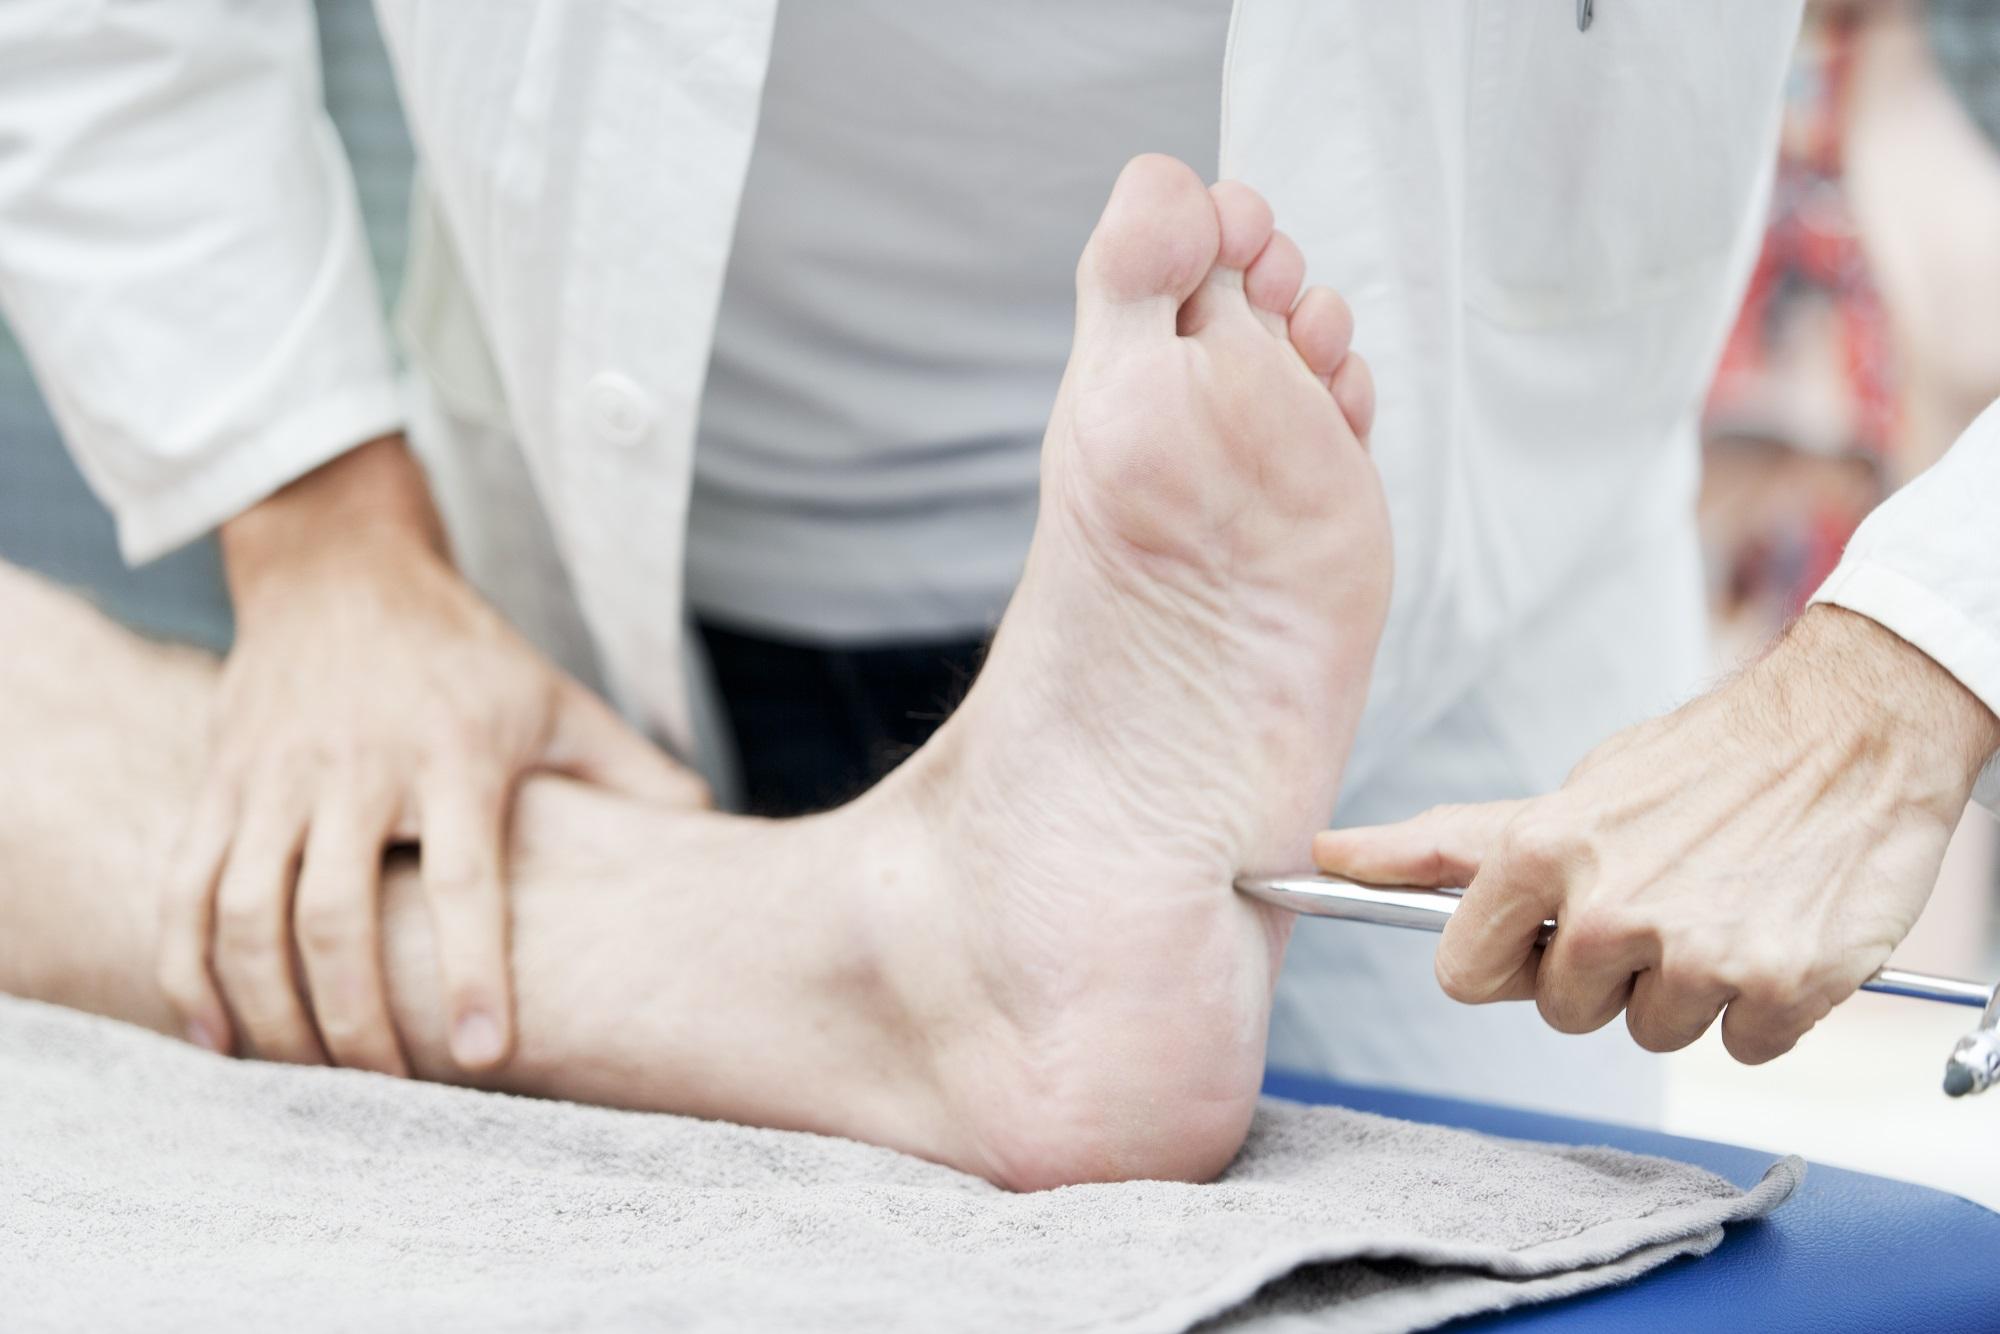 Диабетическая полинейропатия - информация о заболевании и способы лечения